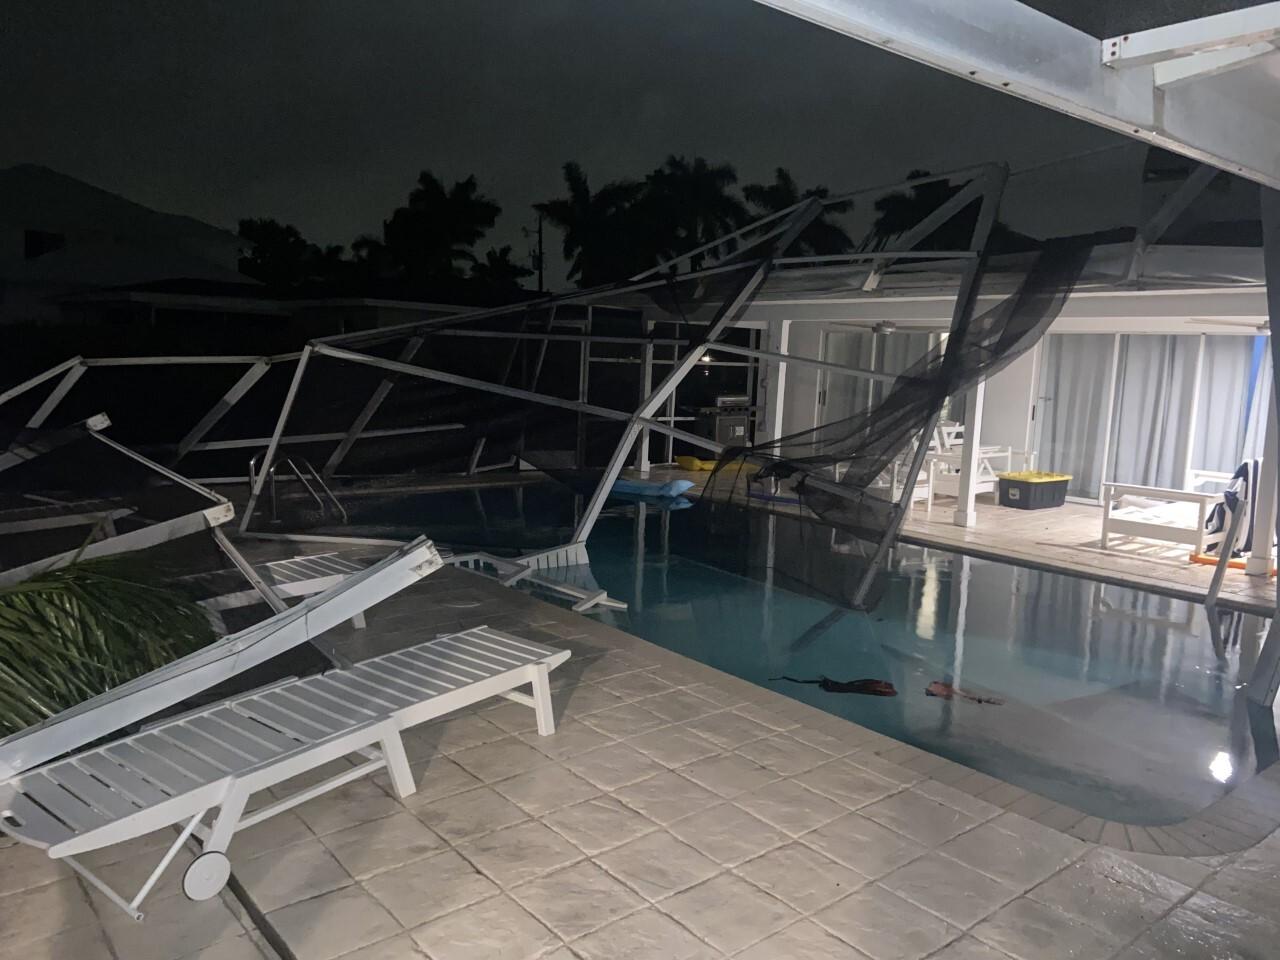 Pool Cover2.jpg